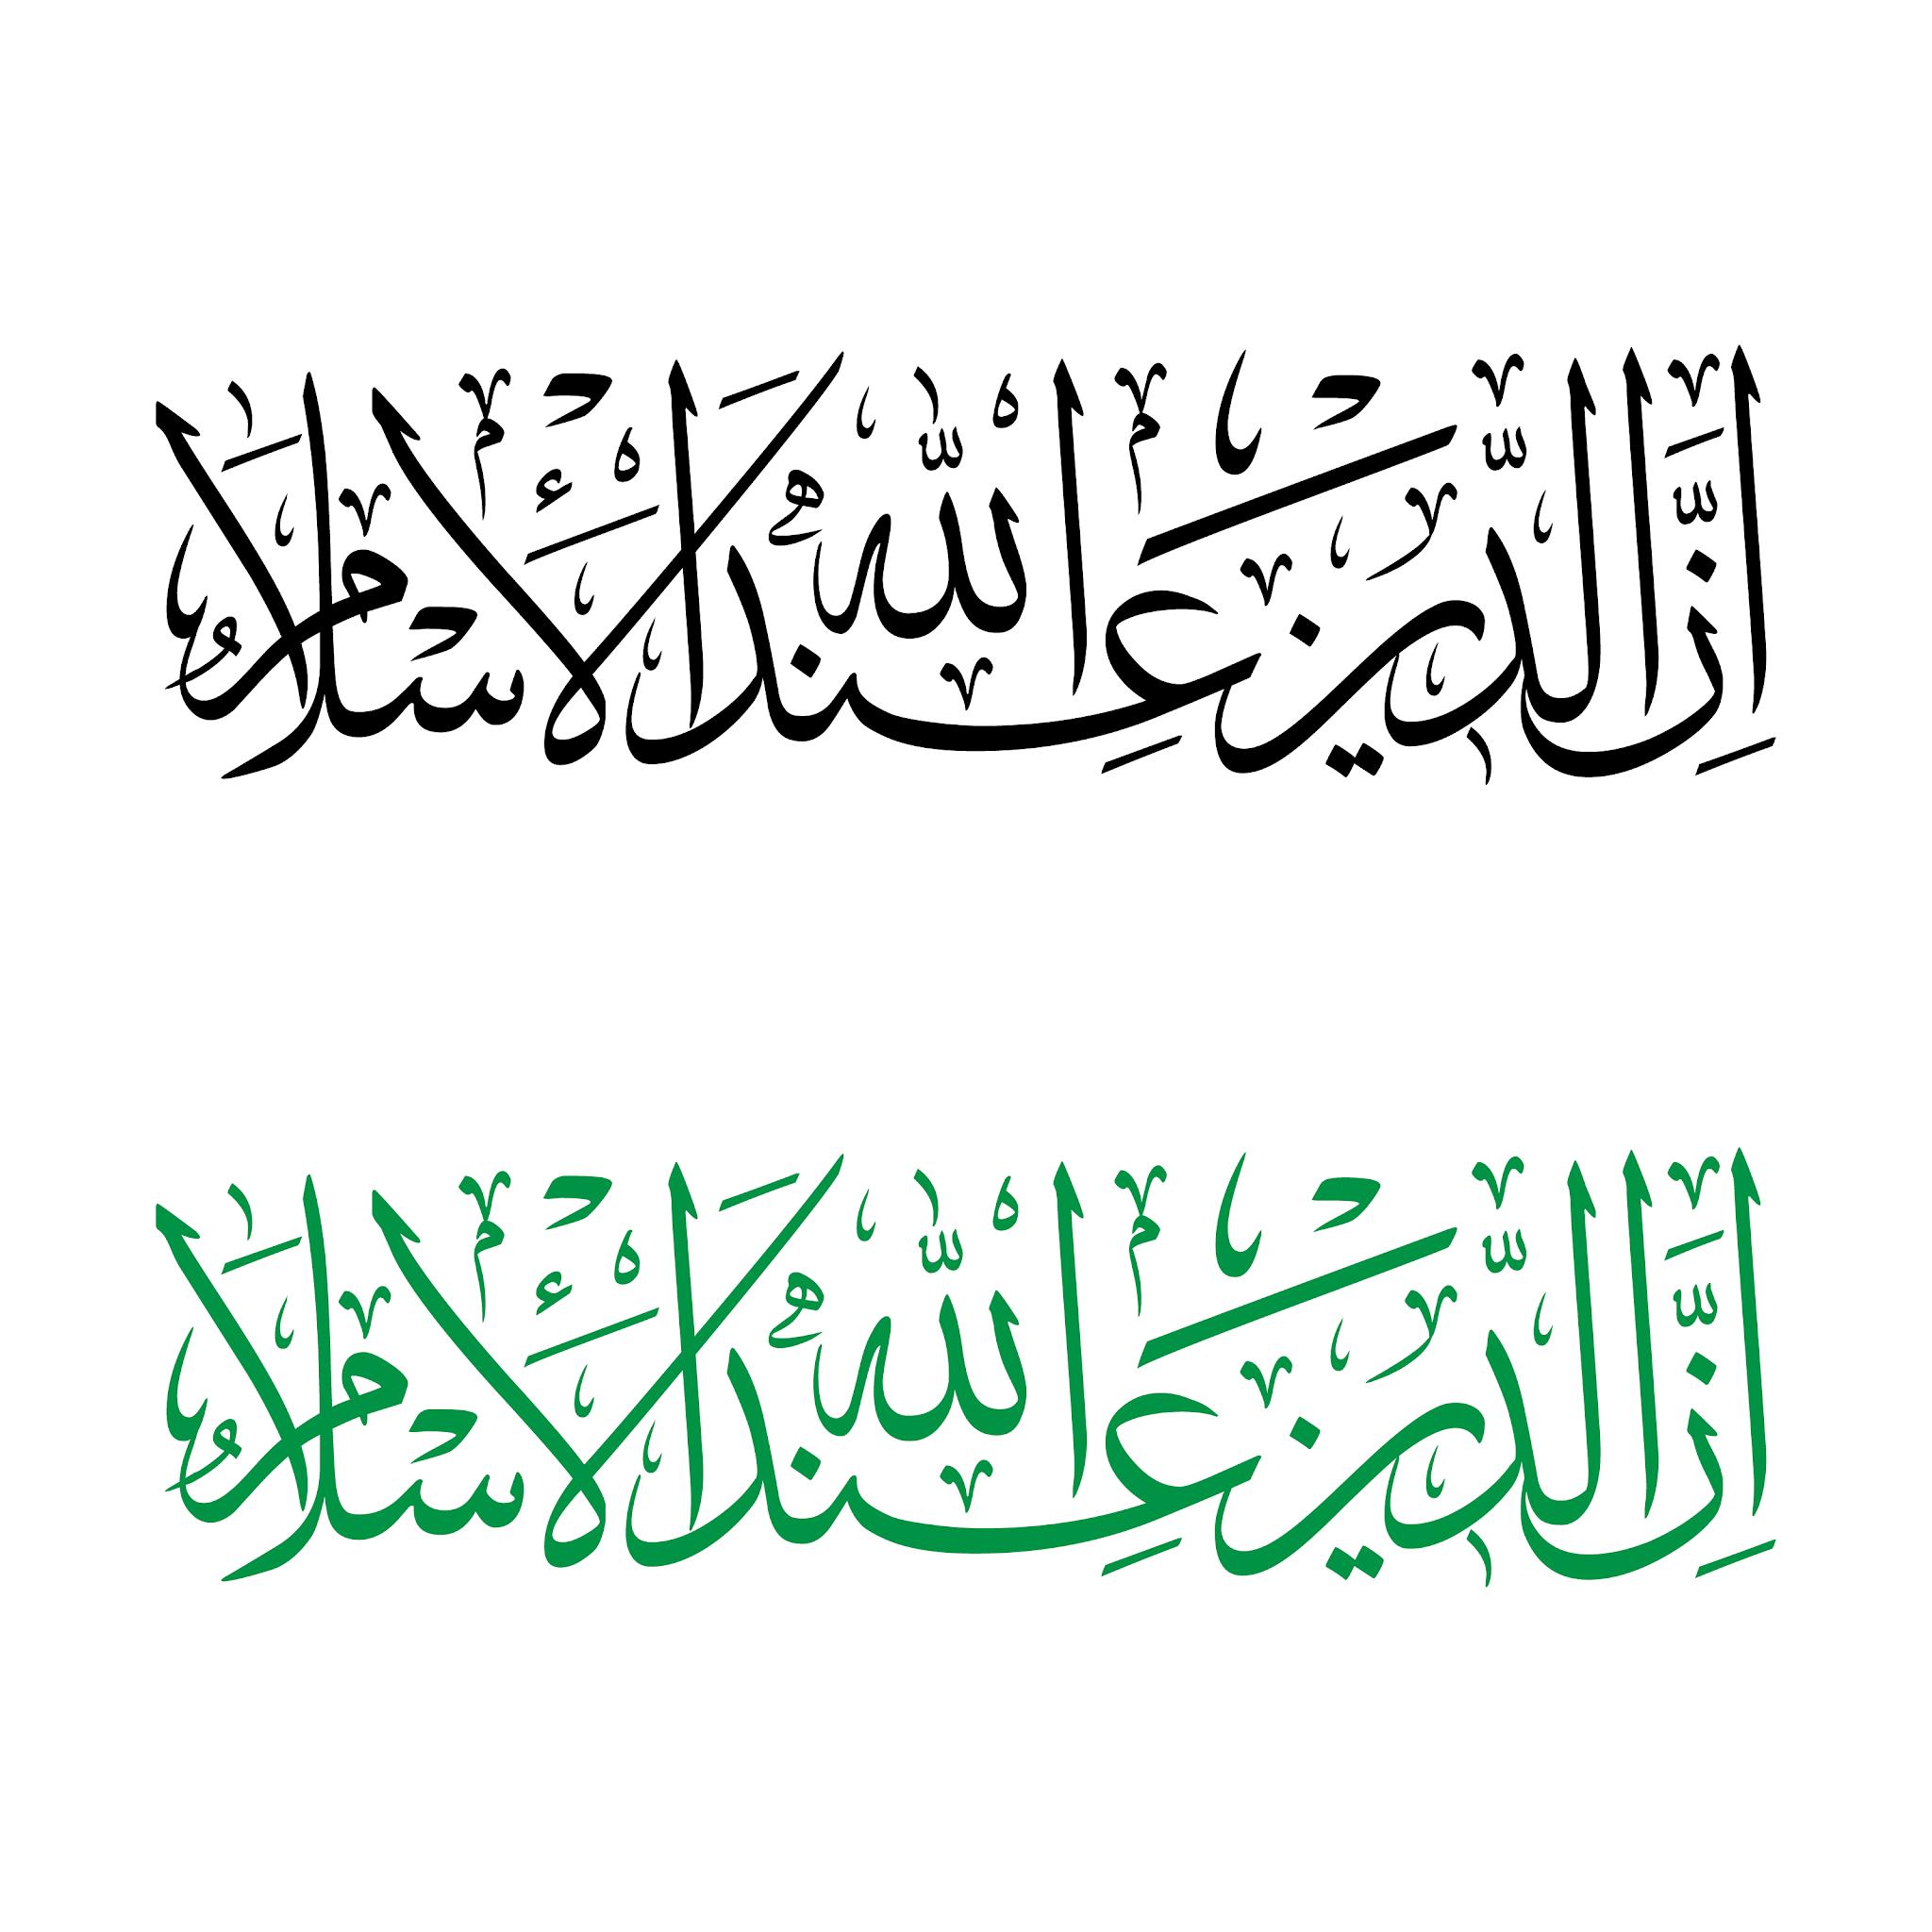 inna al din ìnda allah al islam quran svg eps psd ai pdf png vector download free #islamic #islam #arab #arabic #vector #vectors #Quran #design #fonts #font #ramadan #hijri #year